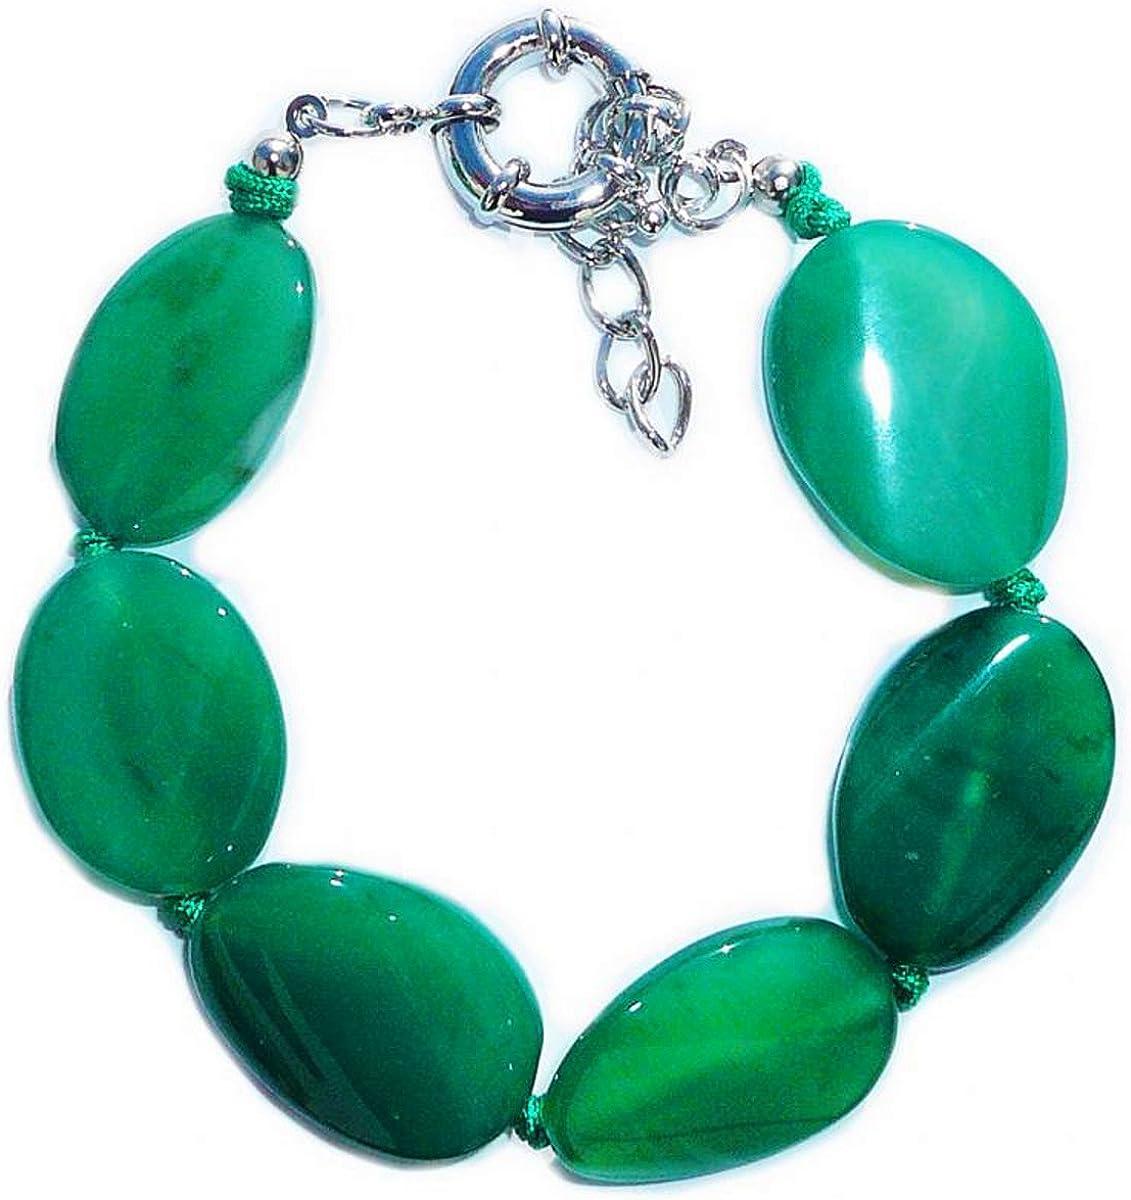 Pulsera de jade verde oscuro (jadeíta) cortado en forma ovalada